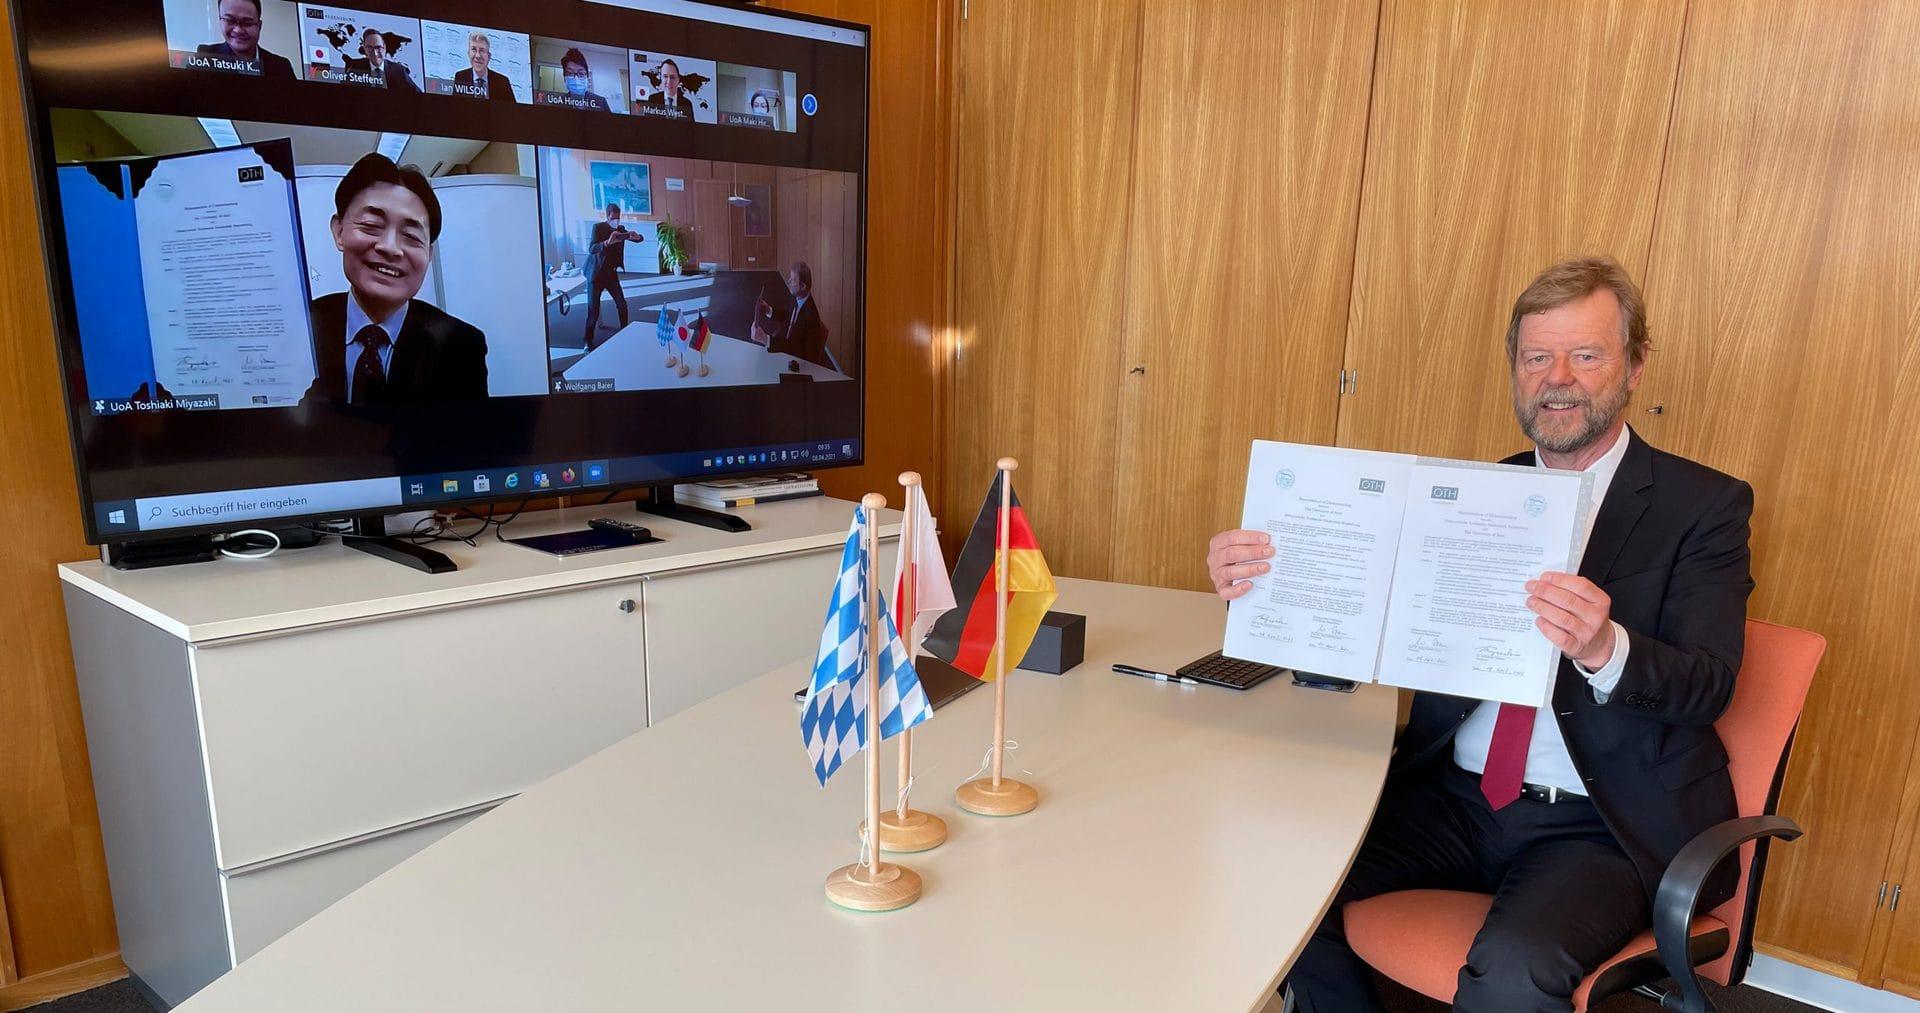 OTH Regensburg unterzeichnet Kooperationsvereinbarung mit japanischer University of Aizu Die beiden Hochschulen wollen in Zukunft den Studierenden- und Dozierendenaustausch fördern sowie gemeinsame Projekte und Forschungsvorhaben durchführen